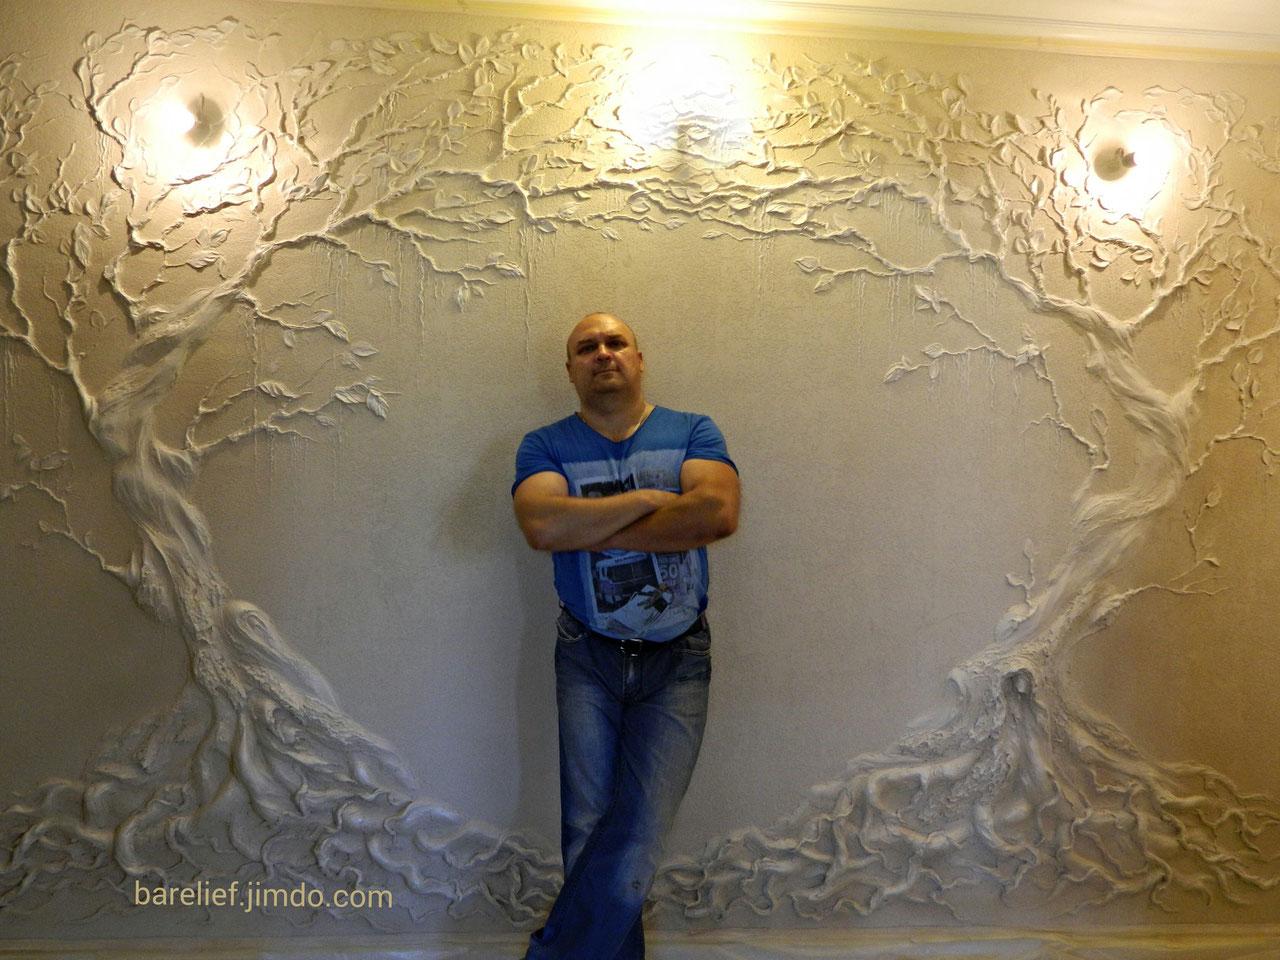 Барельеф во всю стену своими руками